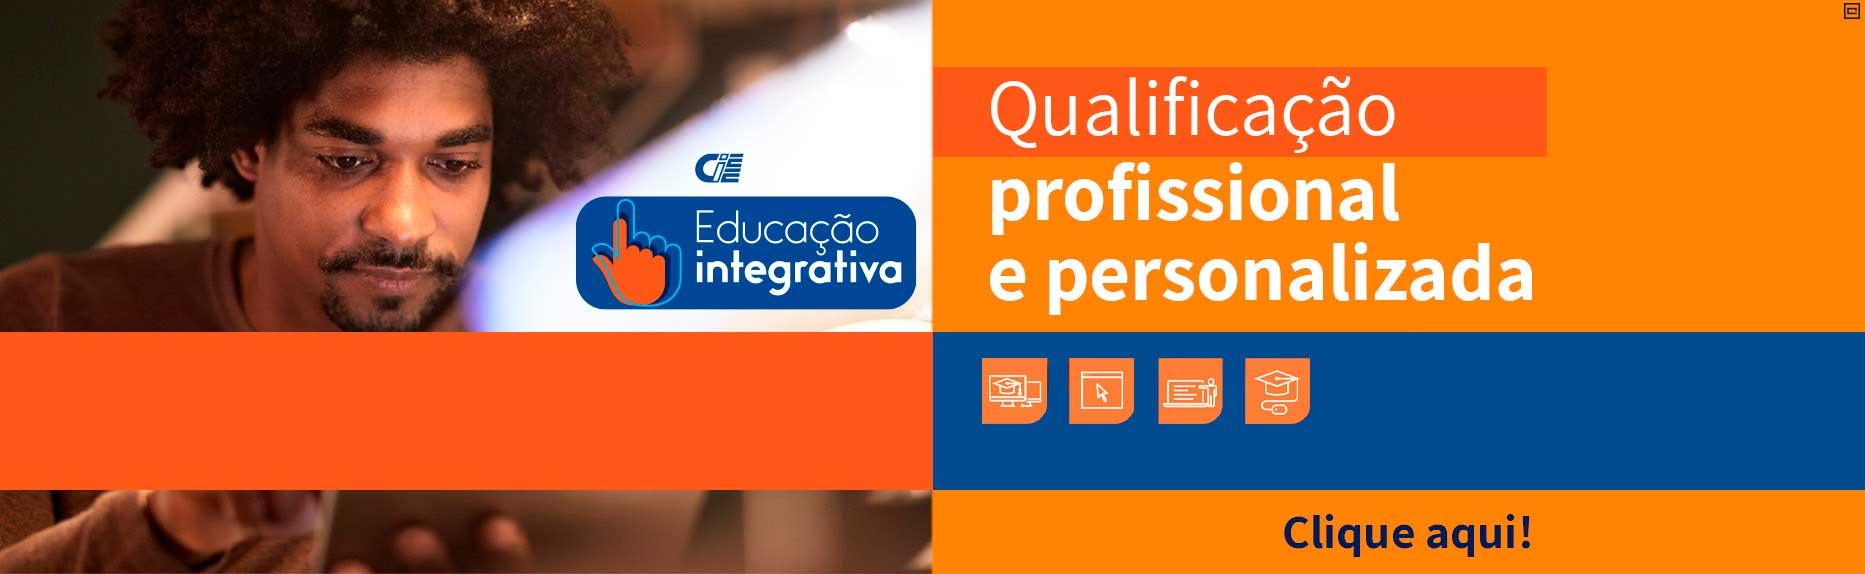 CIEE Educação Integrativa - Qualificação profissional e personalizada. Clique aqui!